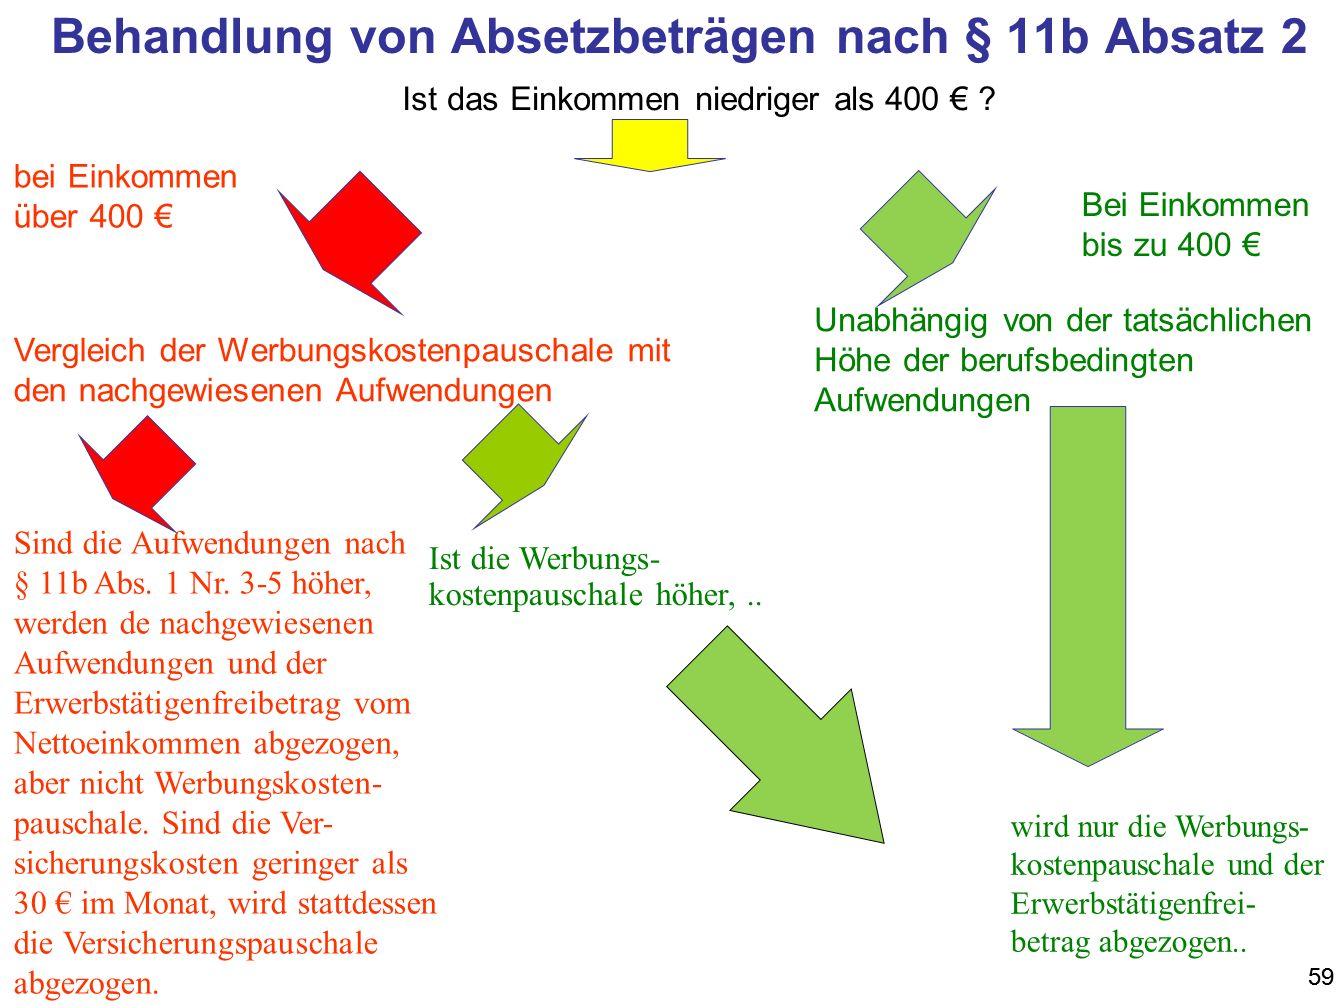 Behandlung von Absetzbeträgen nach § 11b Absatz 2